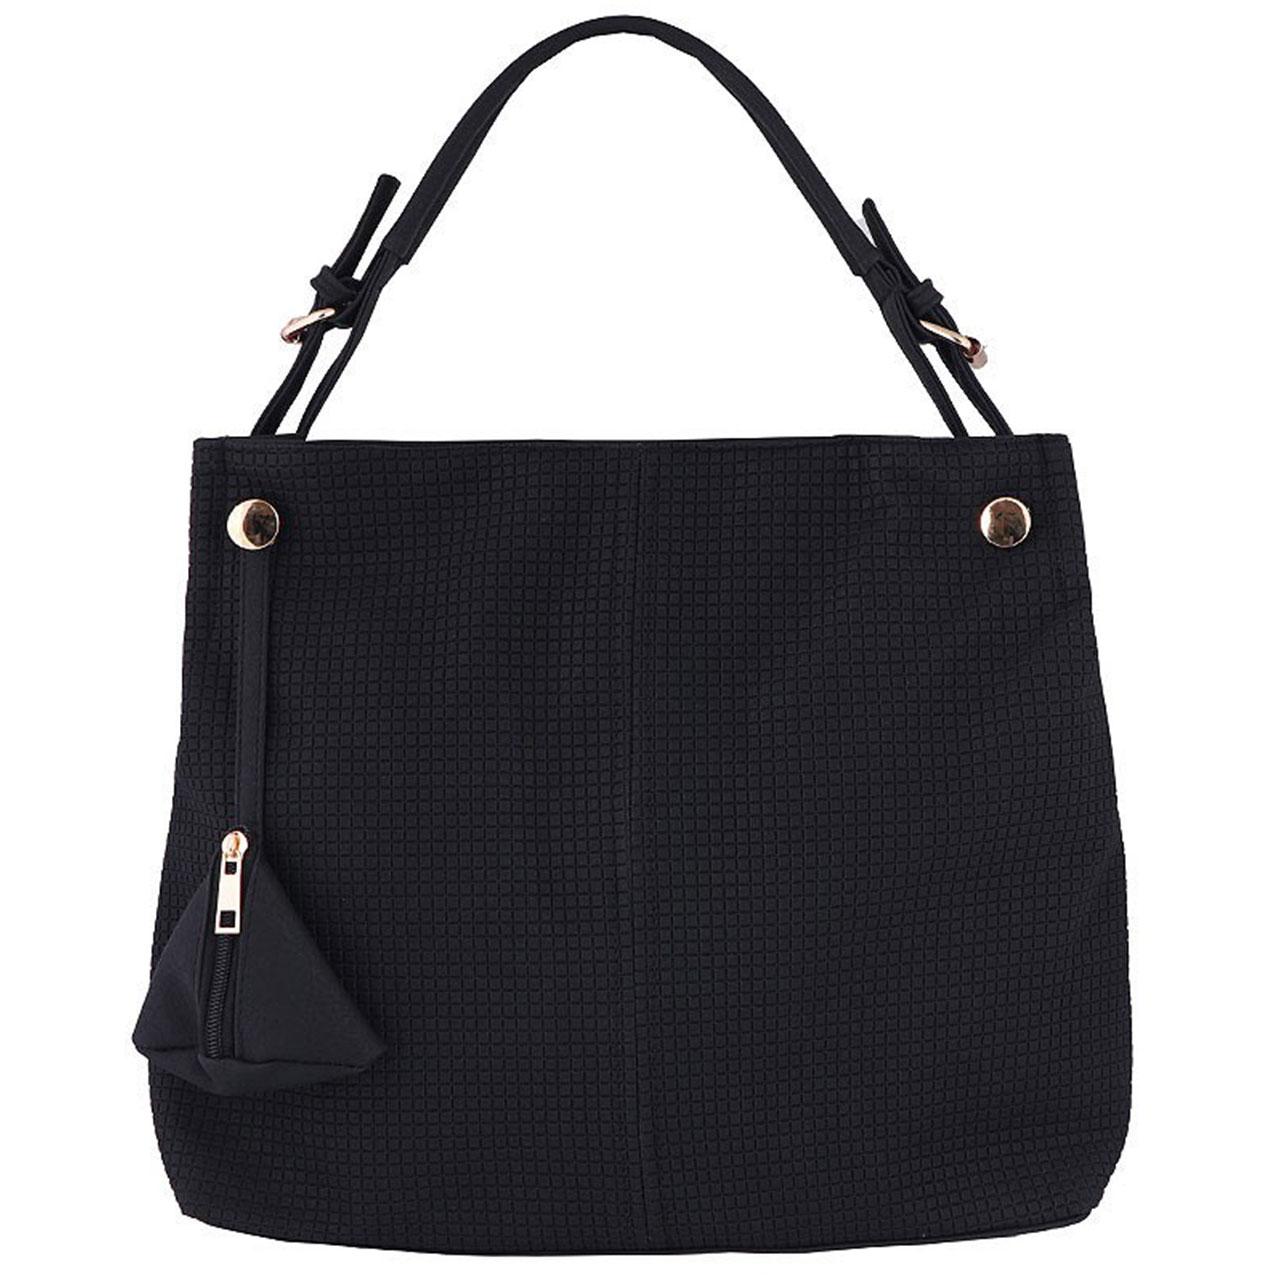 قیمت کیف دستی زنانه طرح رویال کد 190027102